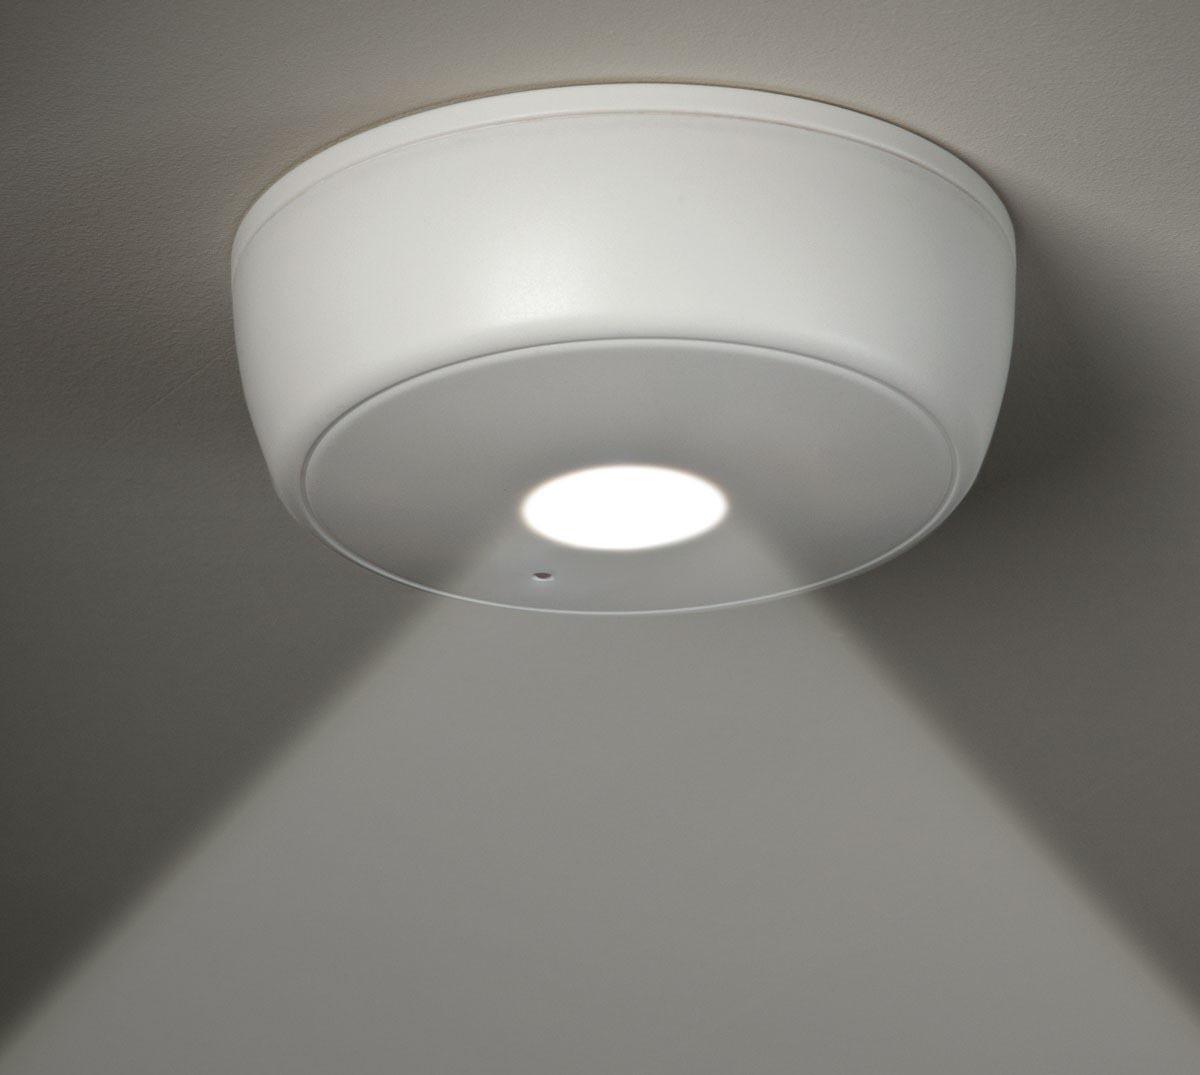 Wireless Ceiling Light Fixtures  Light Fixtures Design Ideas